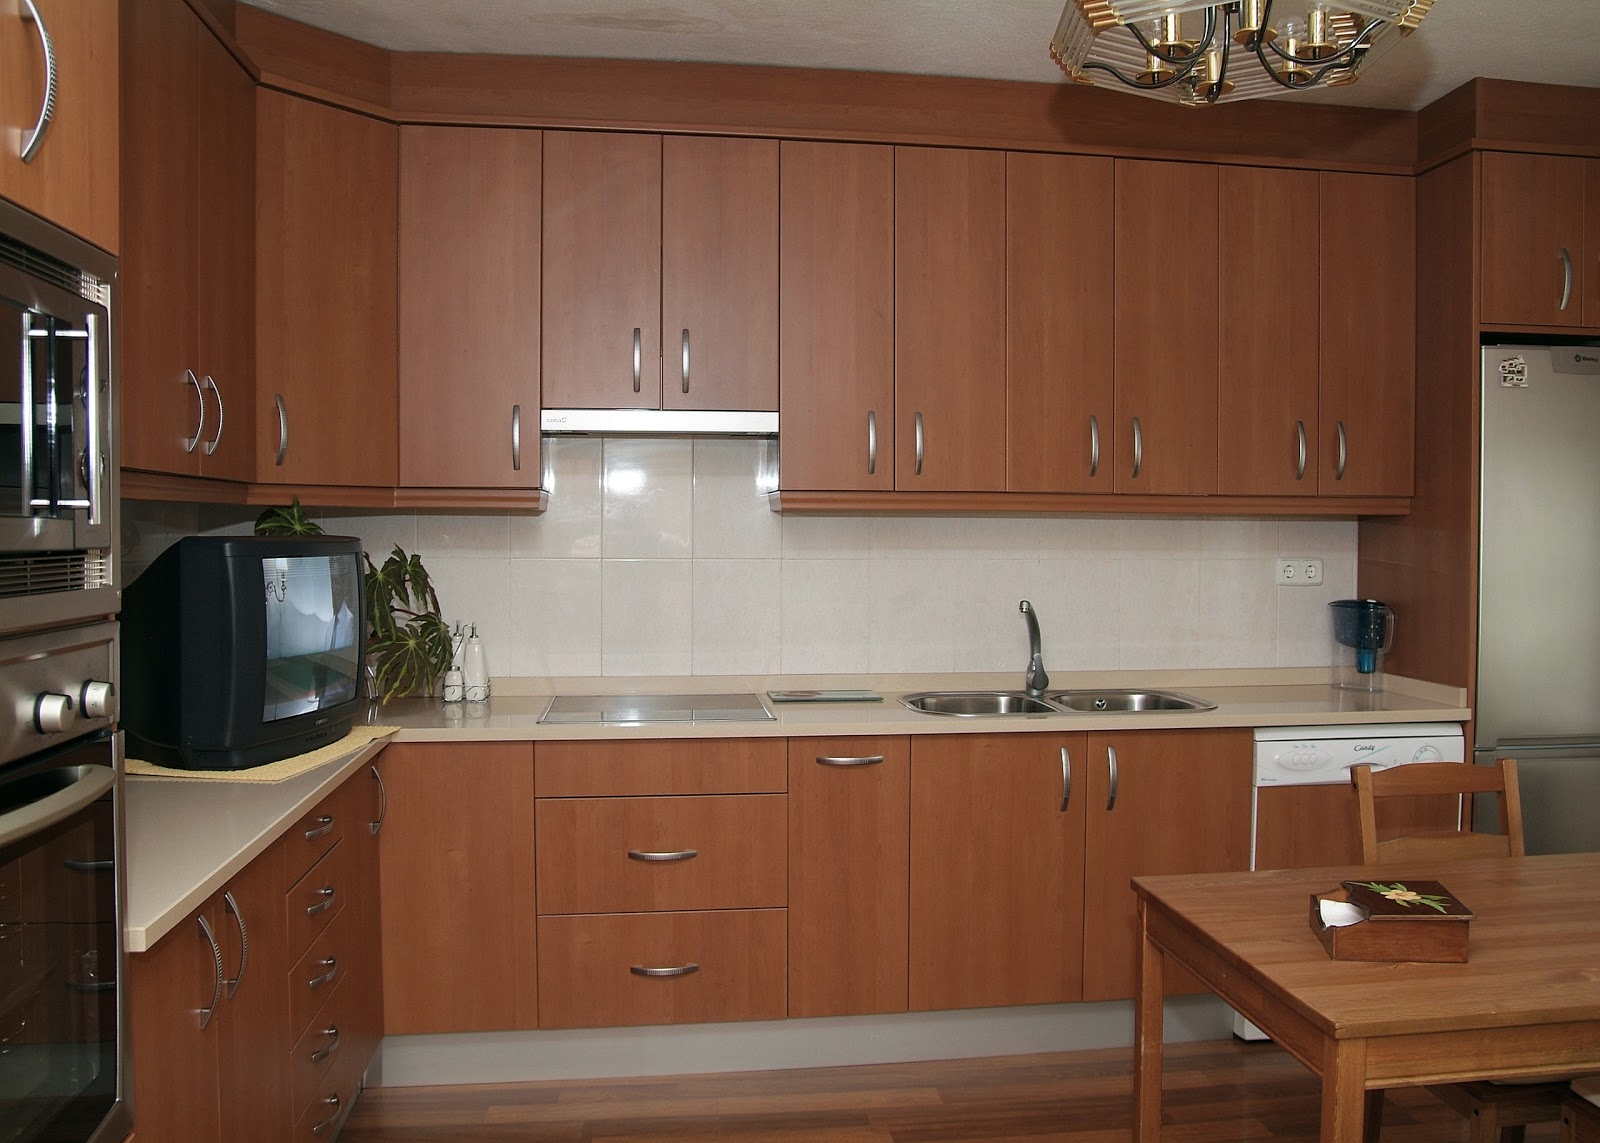 Cocisan cocina formica con cierre al techo - Formica para cocinas ...